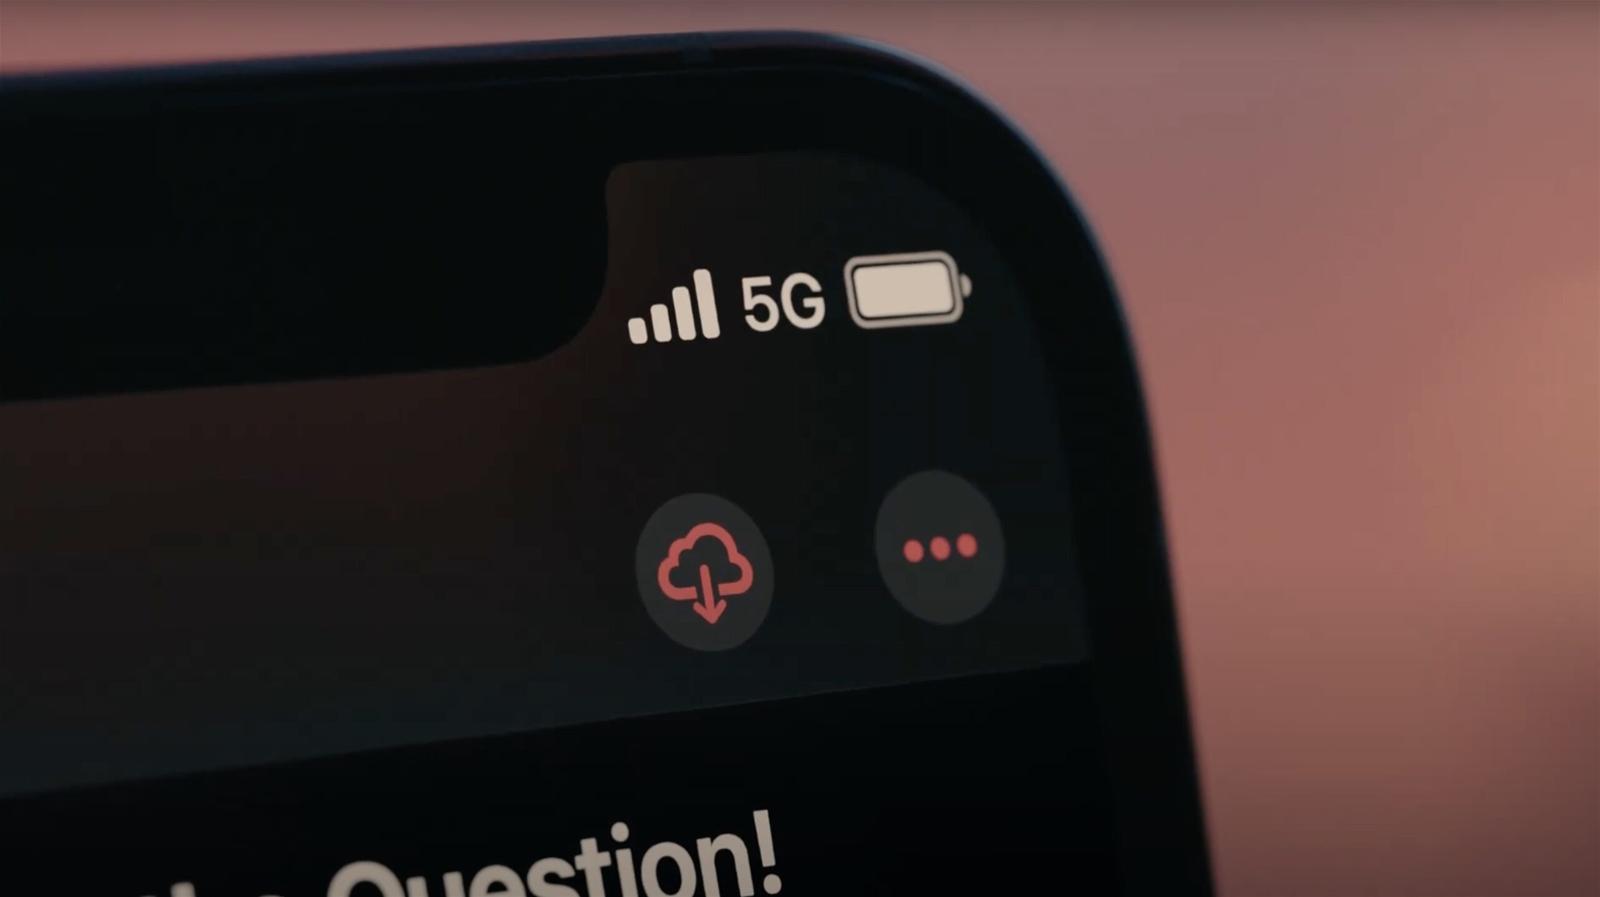 Mạng 5G trên iPhone 12 sẽ không hoạt động khi ở chế độ 2 sim